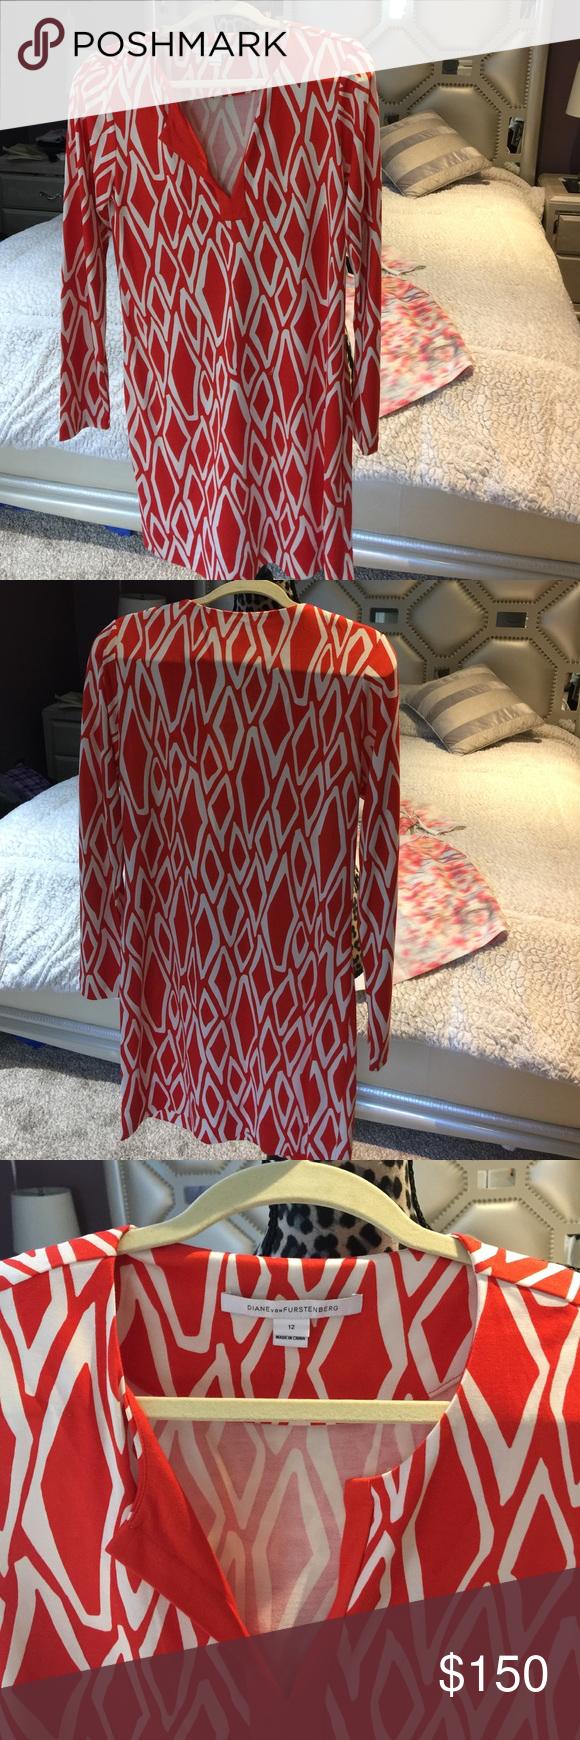 Coral/white Reina Diane Von Furstenberg dress new & never worn, no tags #orange #DianeVonFurstenberg #dress. 3/4 sleeve. Never worn. Size 12. Perfect for #summer. Diane von Furstenberg Dresses Midi